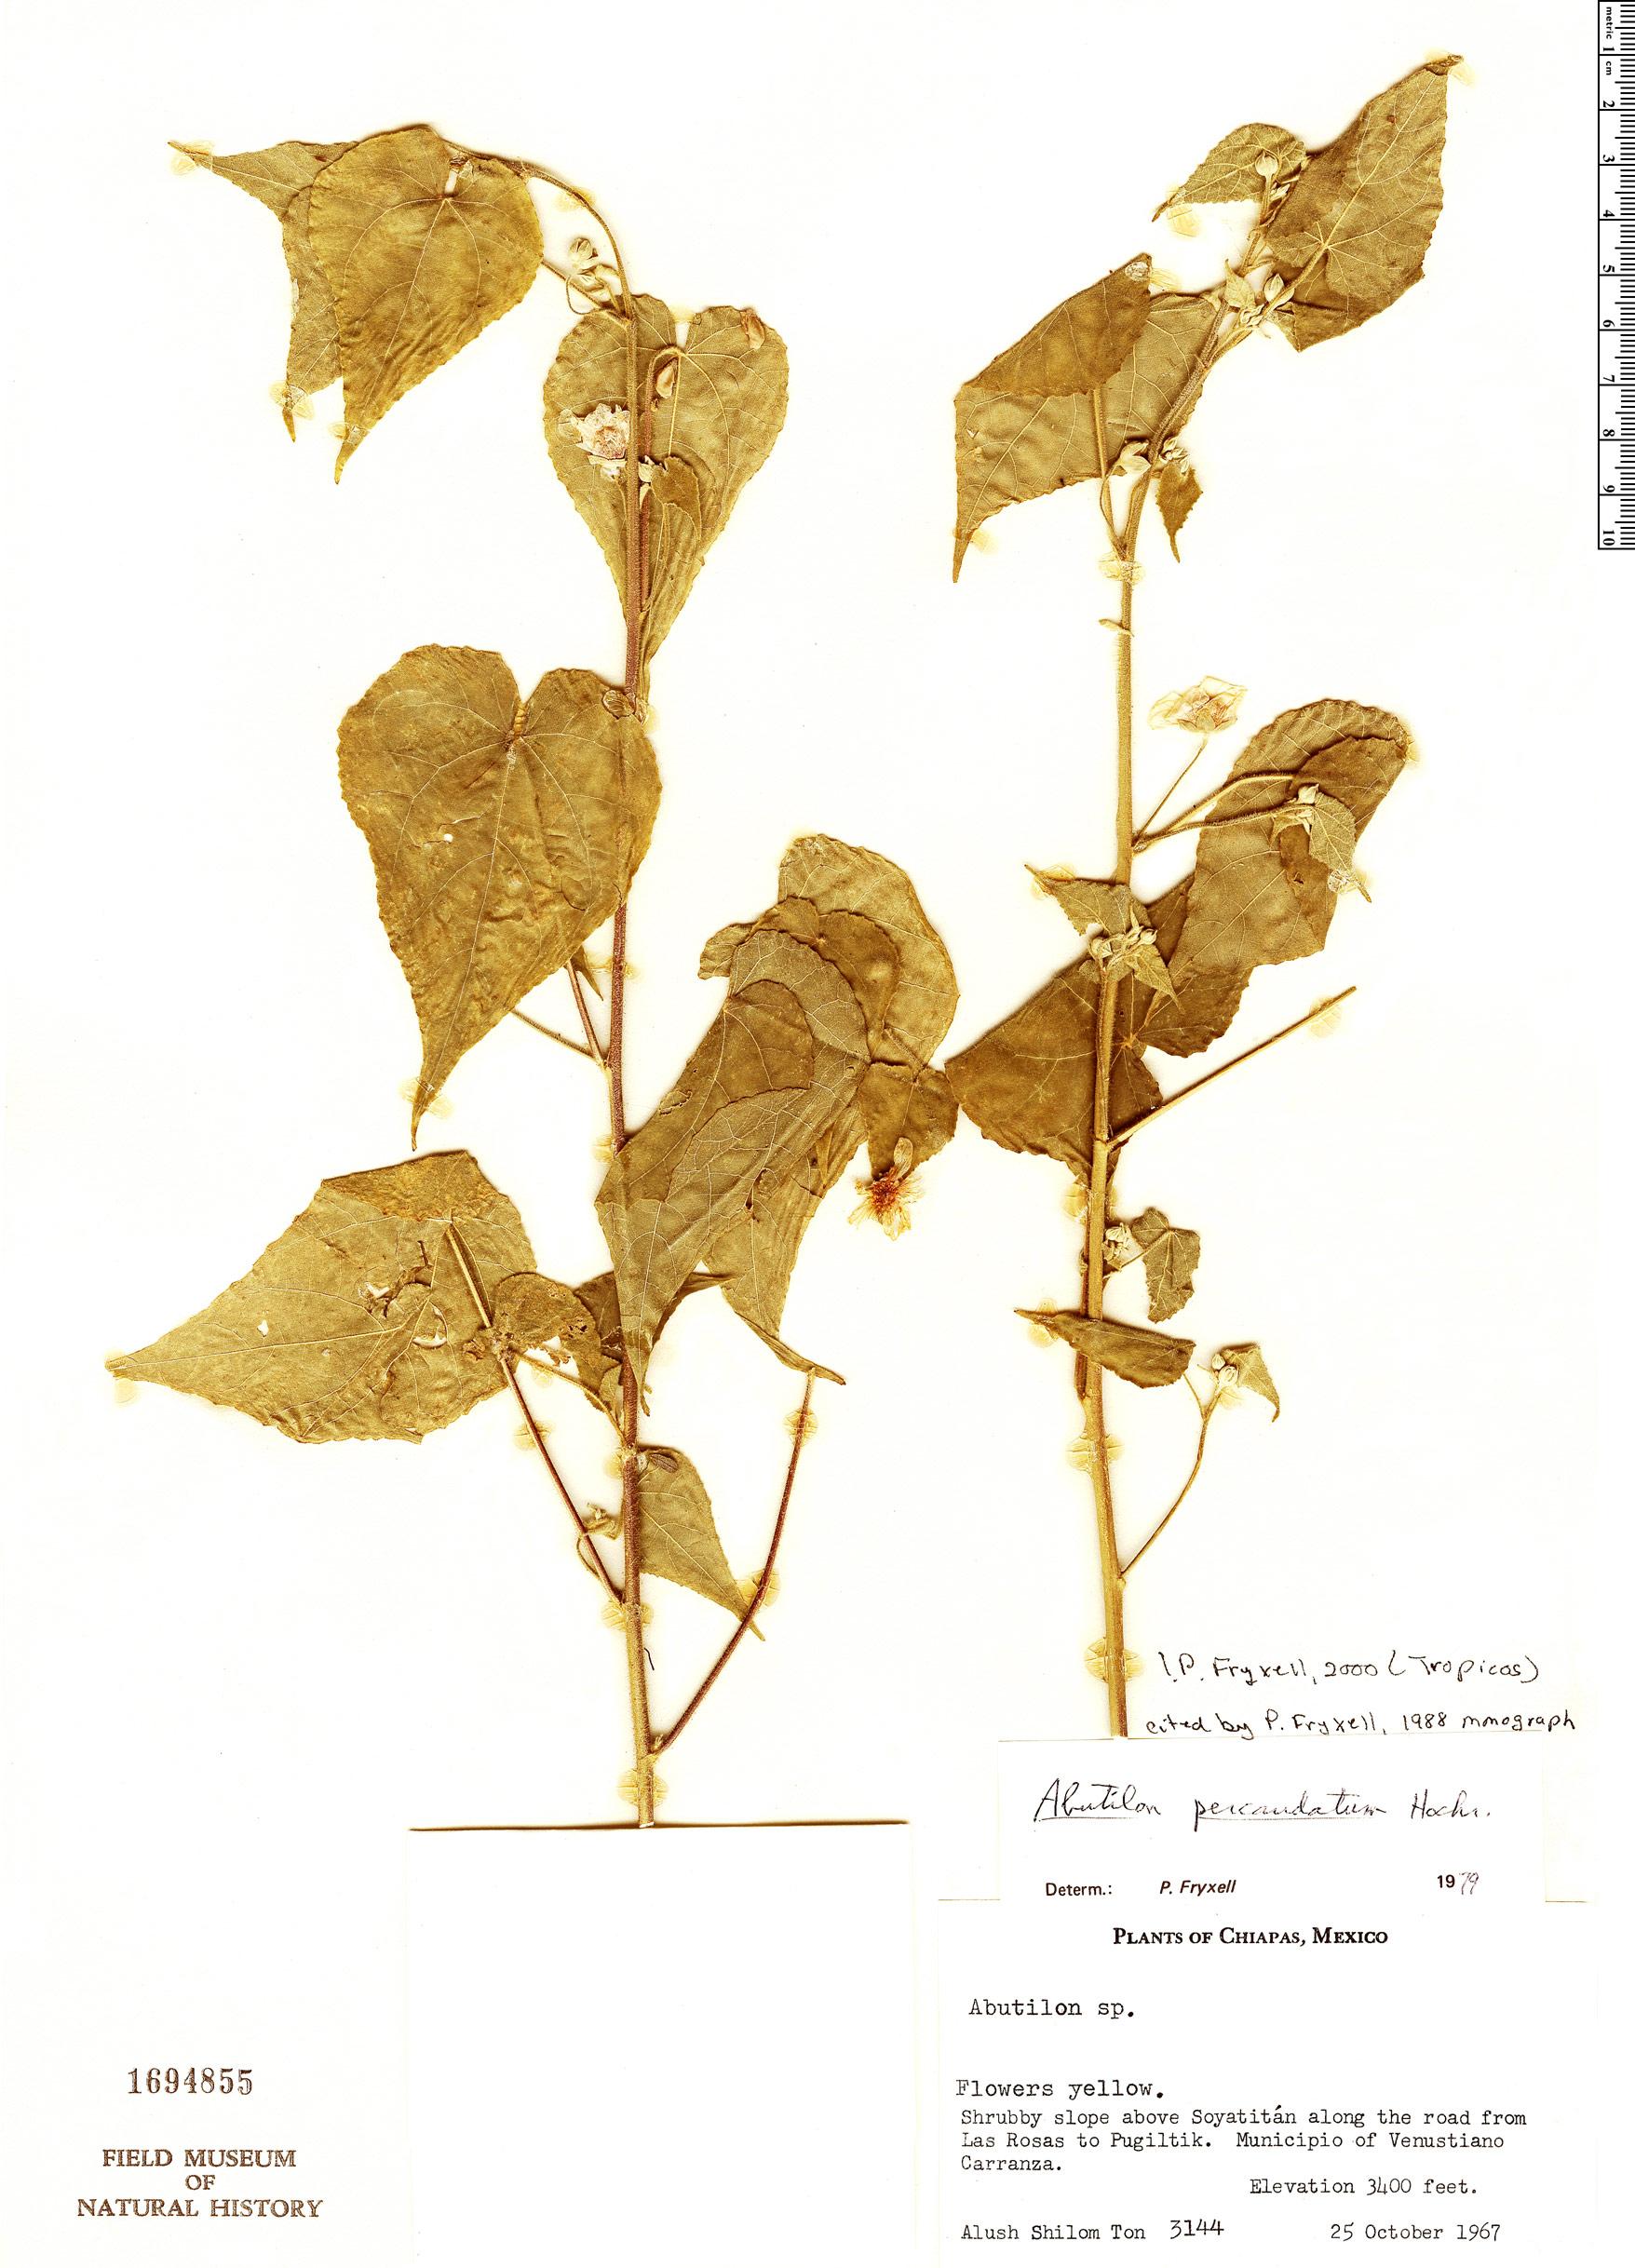 Specimen: Abutilon percaudatum